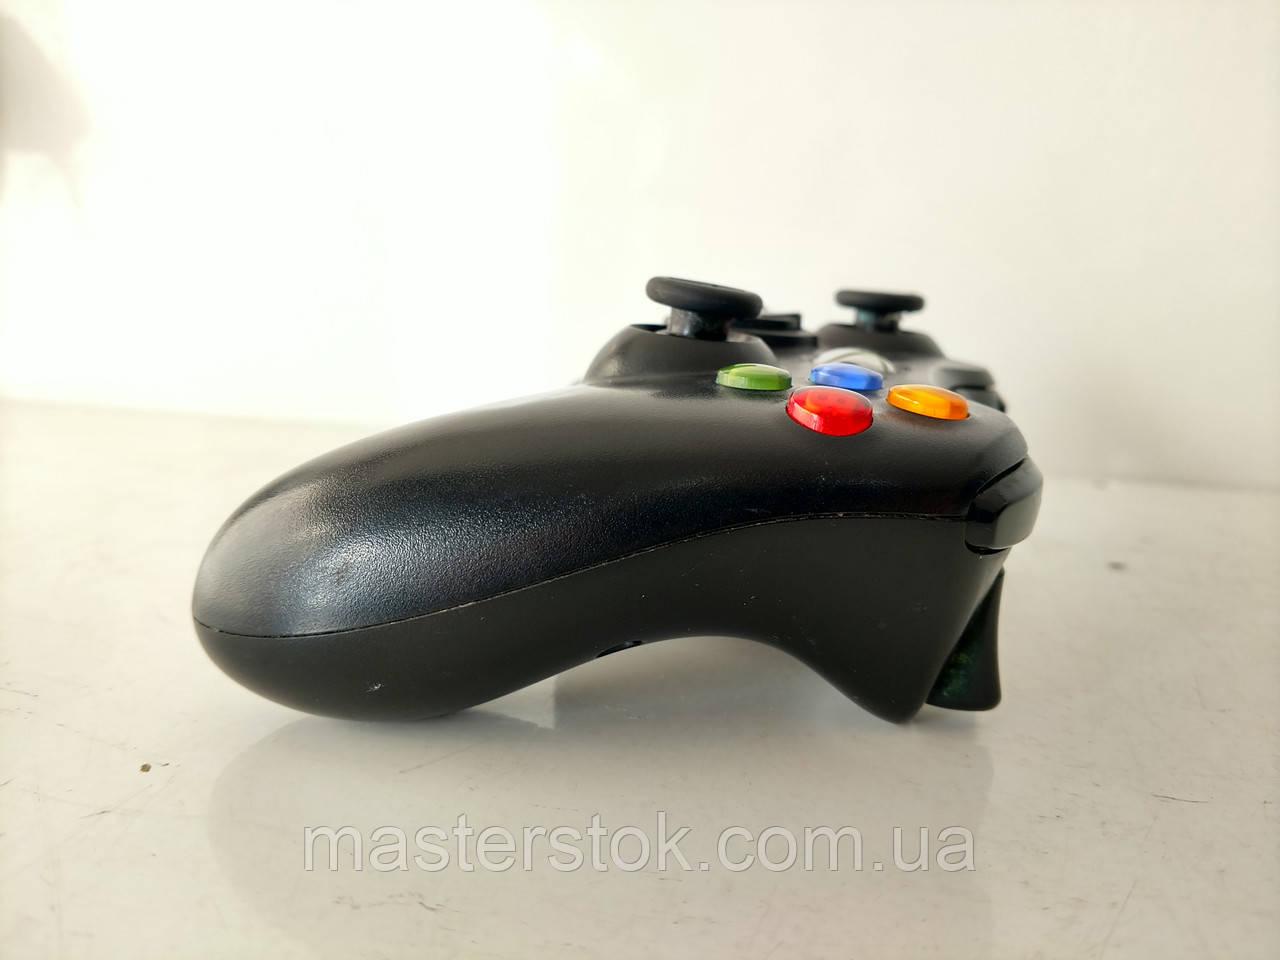 Беспроводные черные оригинальные джойстики для Xbox 360 2